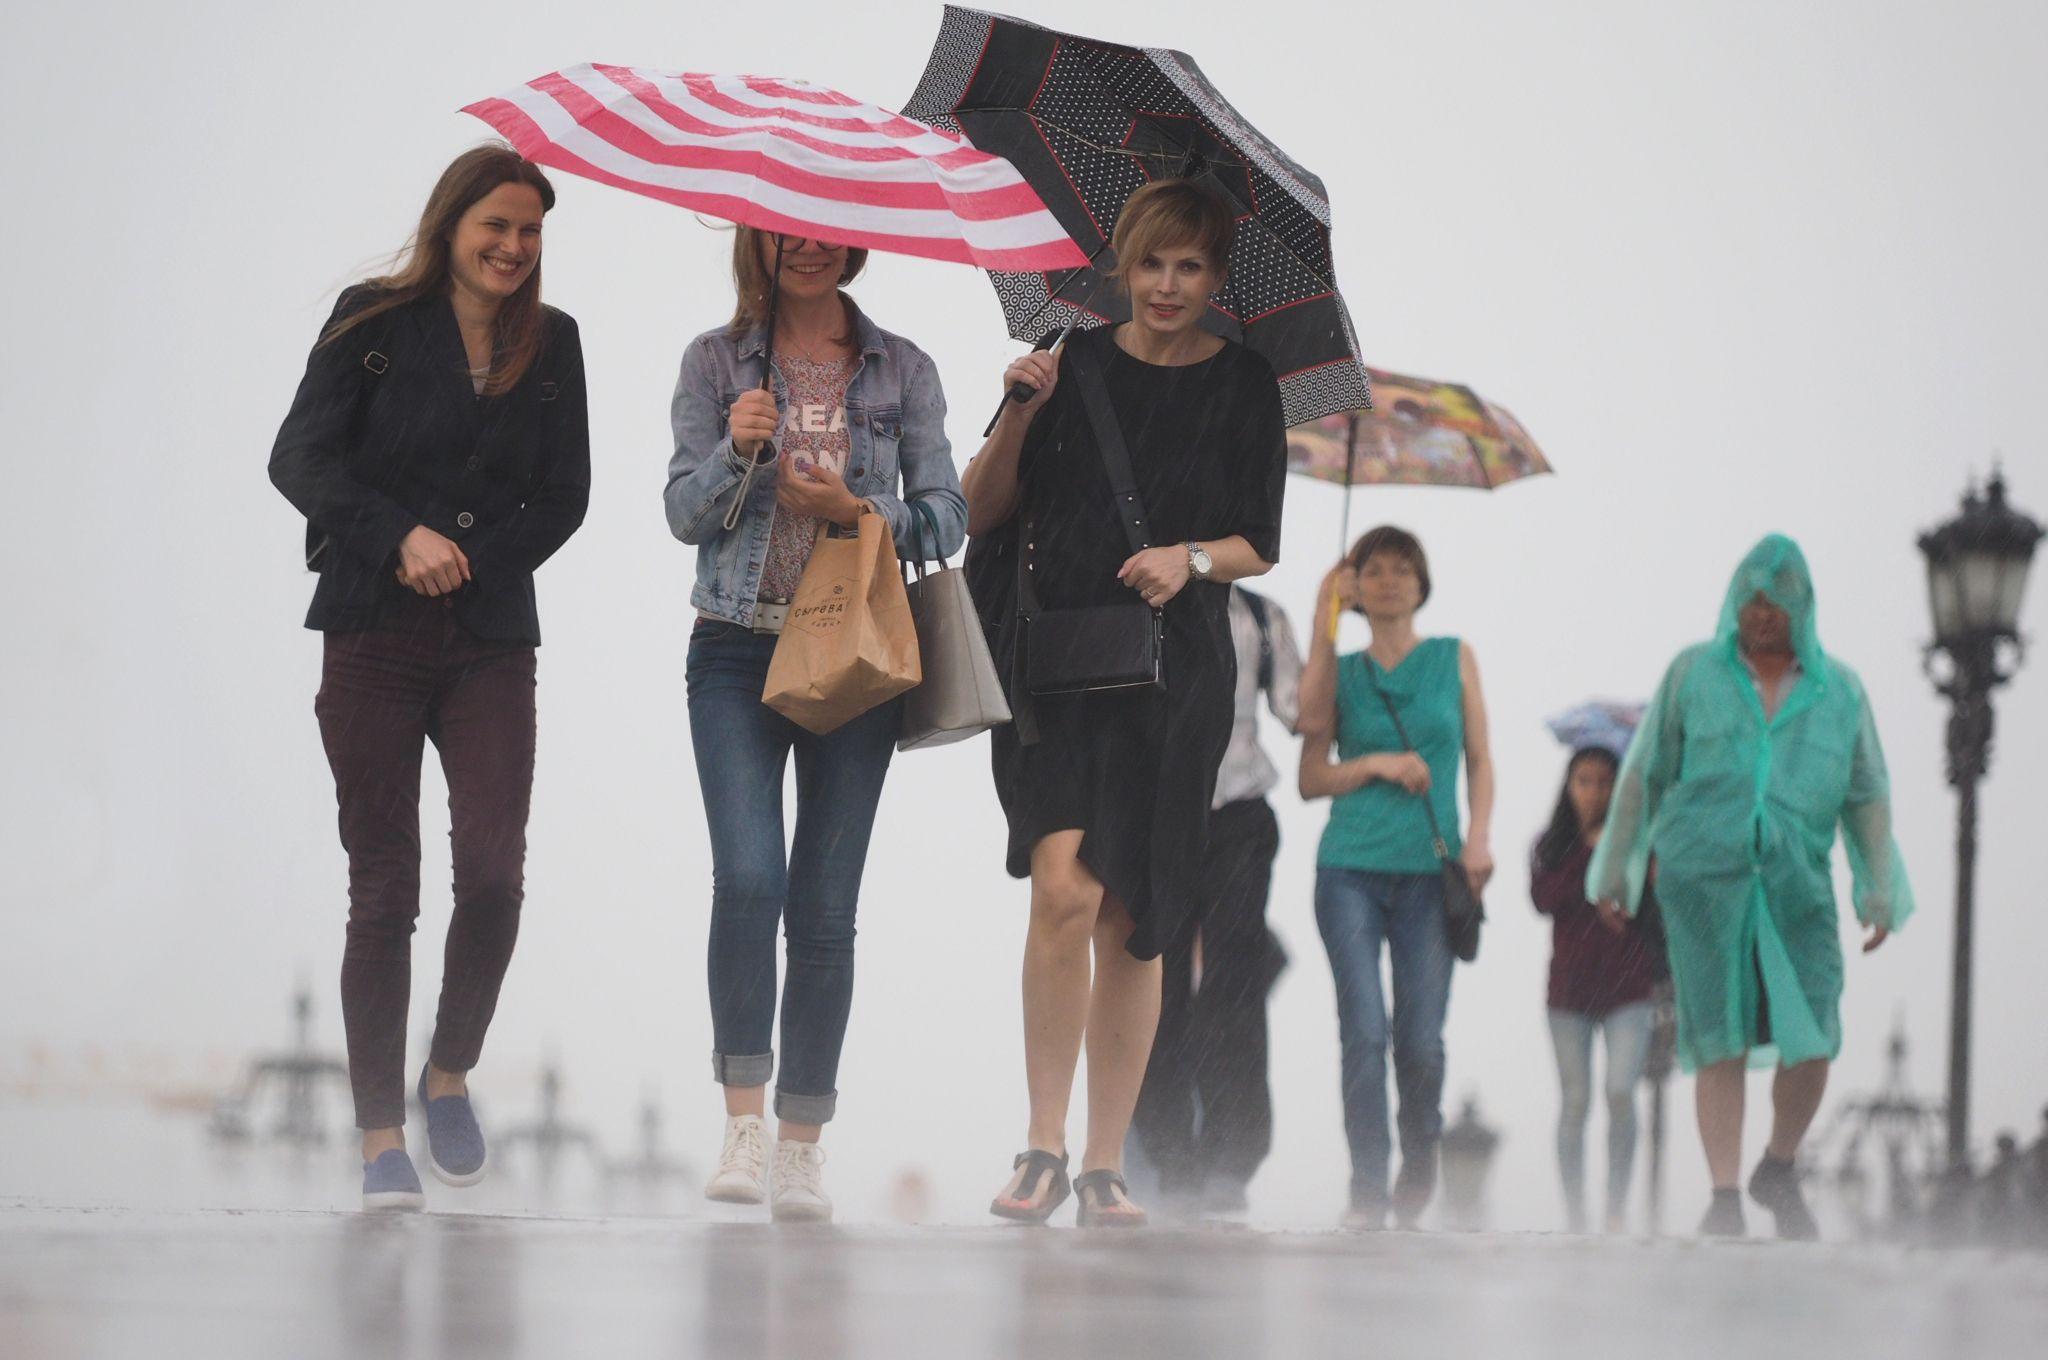 Жителей Москвы предупредили о затяжном дожде